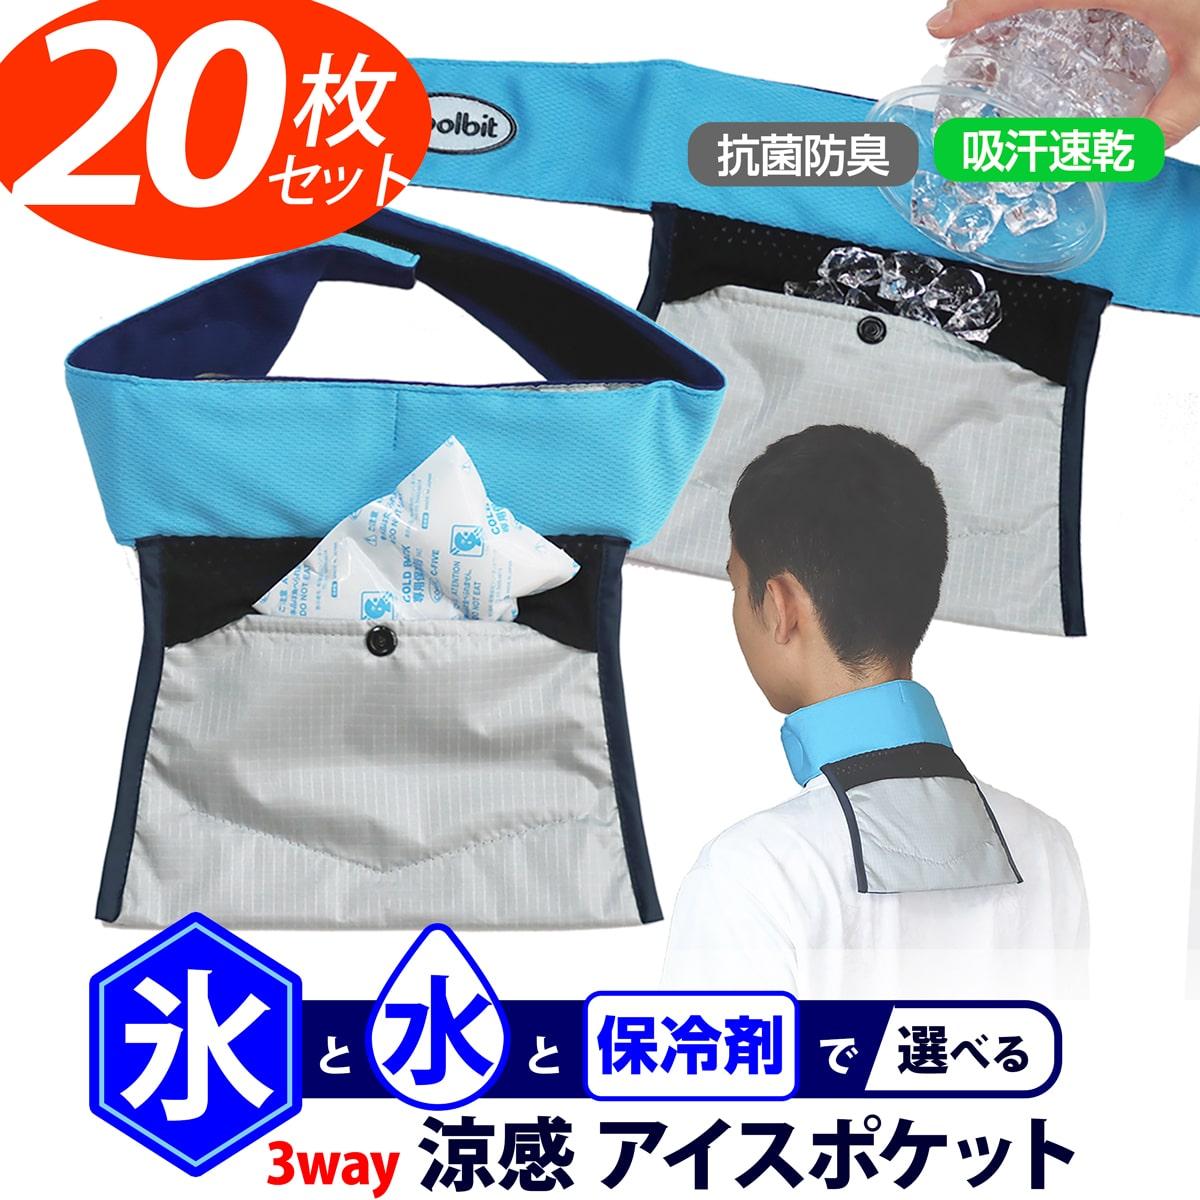 【20枚まとめ割り】工事 現場 熱中症対策 グッズ クールビットIPネッククーラー coolbit 現場作業の暑さ対策に 首 冷却 氷で!冷水で! 保冷剤で! 保冷剤付属 HCN-IPCL2熱中症対策 ベスト 現場 冷たい coolbit HCN-IPCL2